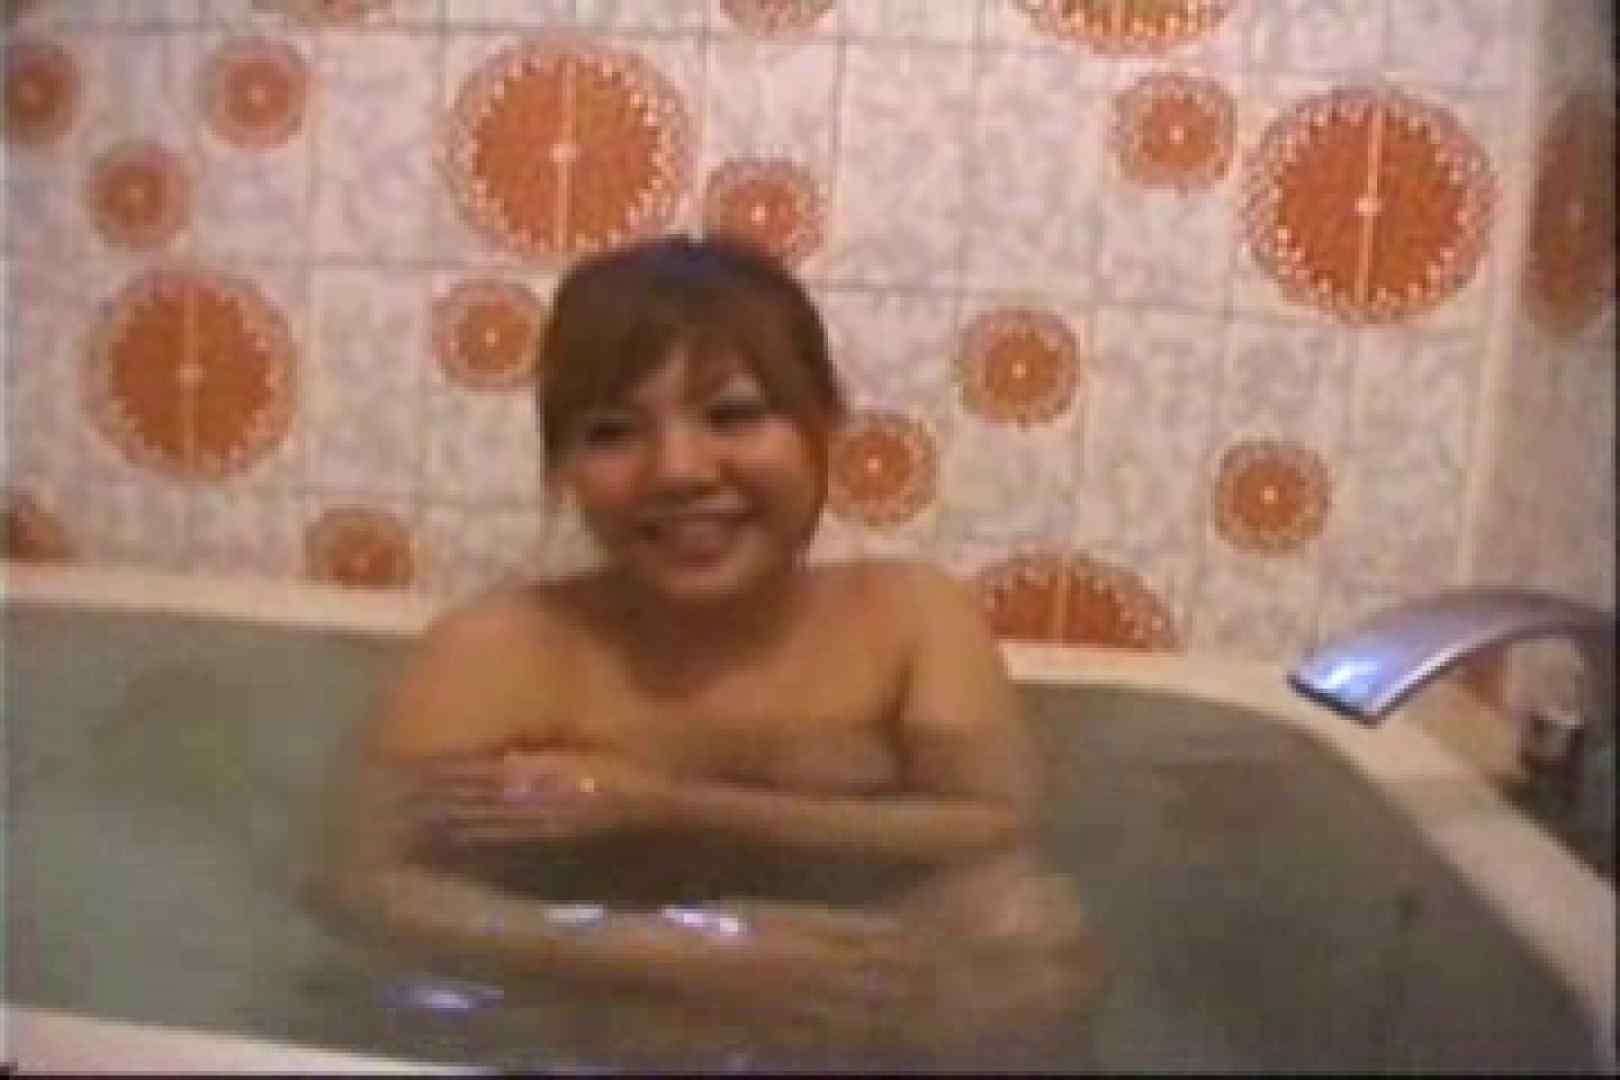 大量潮吹き!ポチャ可愛い嬢 おっぱい 隠し撮りオマンコ動画紹介 96連発 53